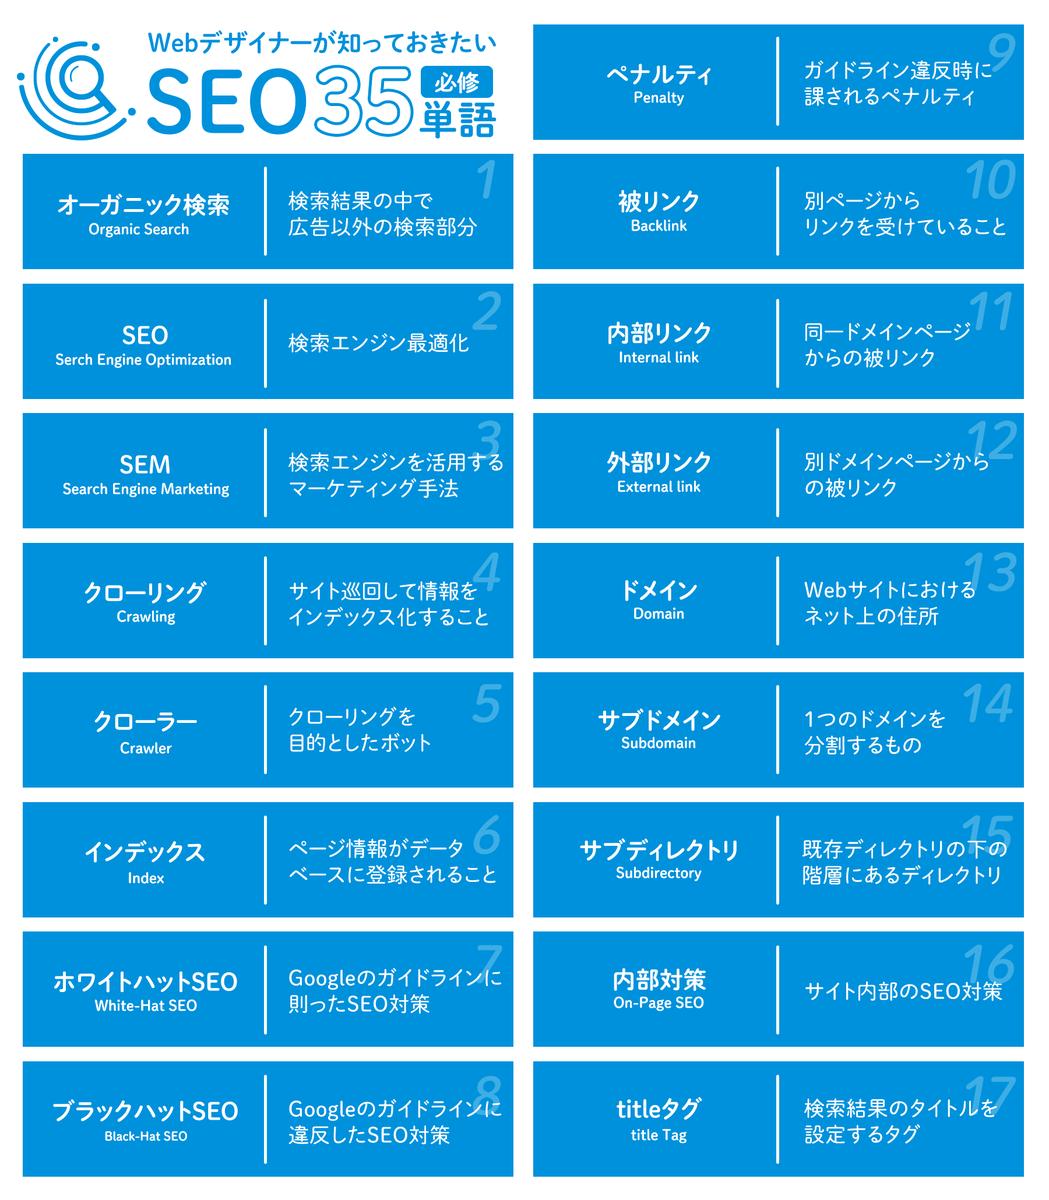 Webデザイナーが制作に関わる上で知っておきたいSEO関連の基礎用語をピックアップしました。SEOという言葉自体は知っていても、その詳しい仕組みや概念を理解しているクライアントは非常に少ないので、まずは専門用語を整理しながらプロとして基本的な内容を説明できるように準備をしておきましょう。